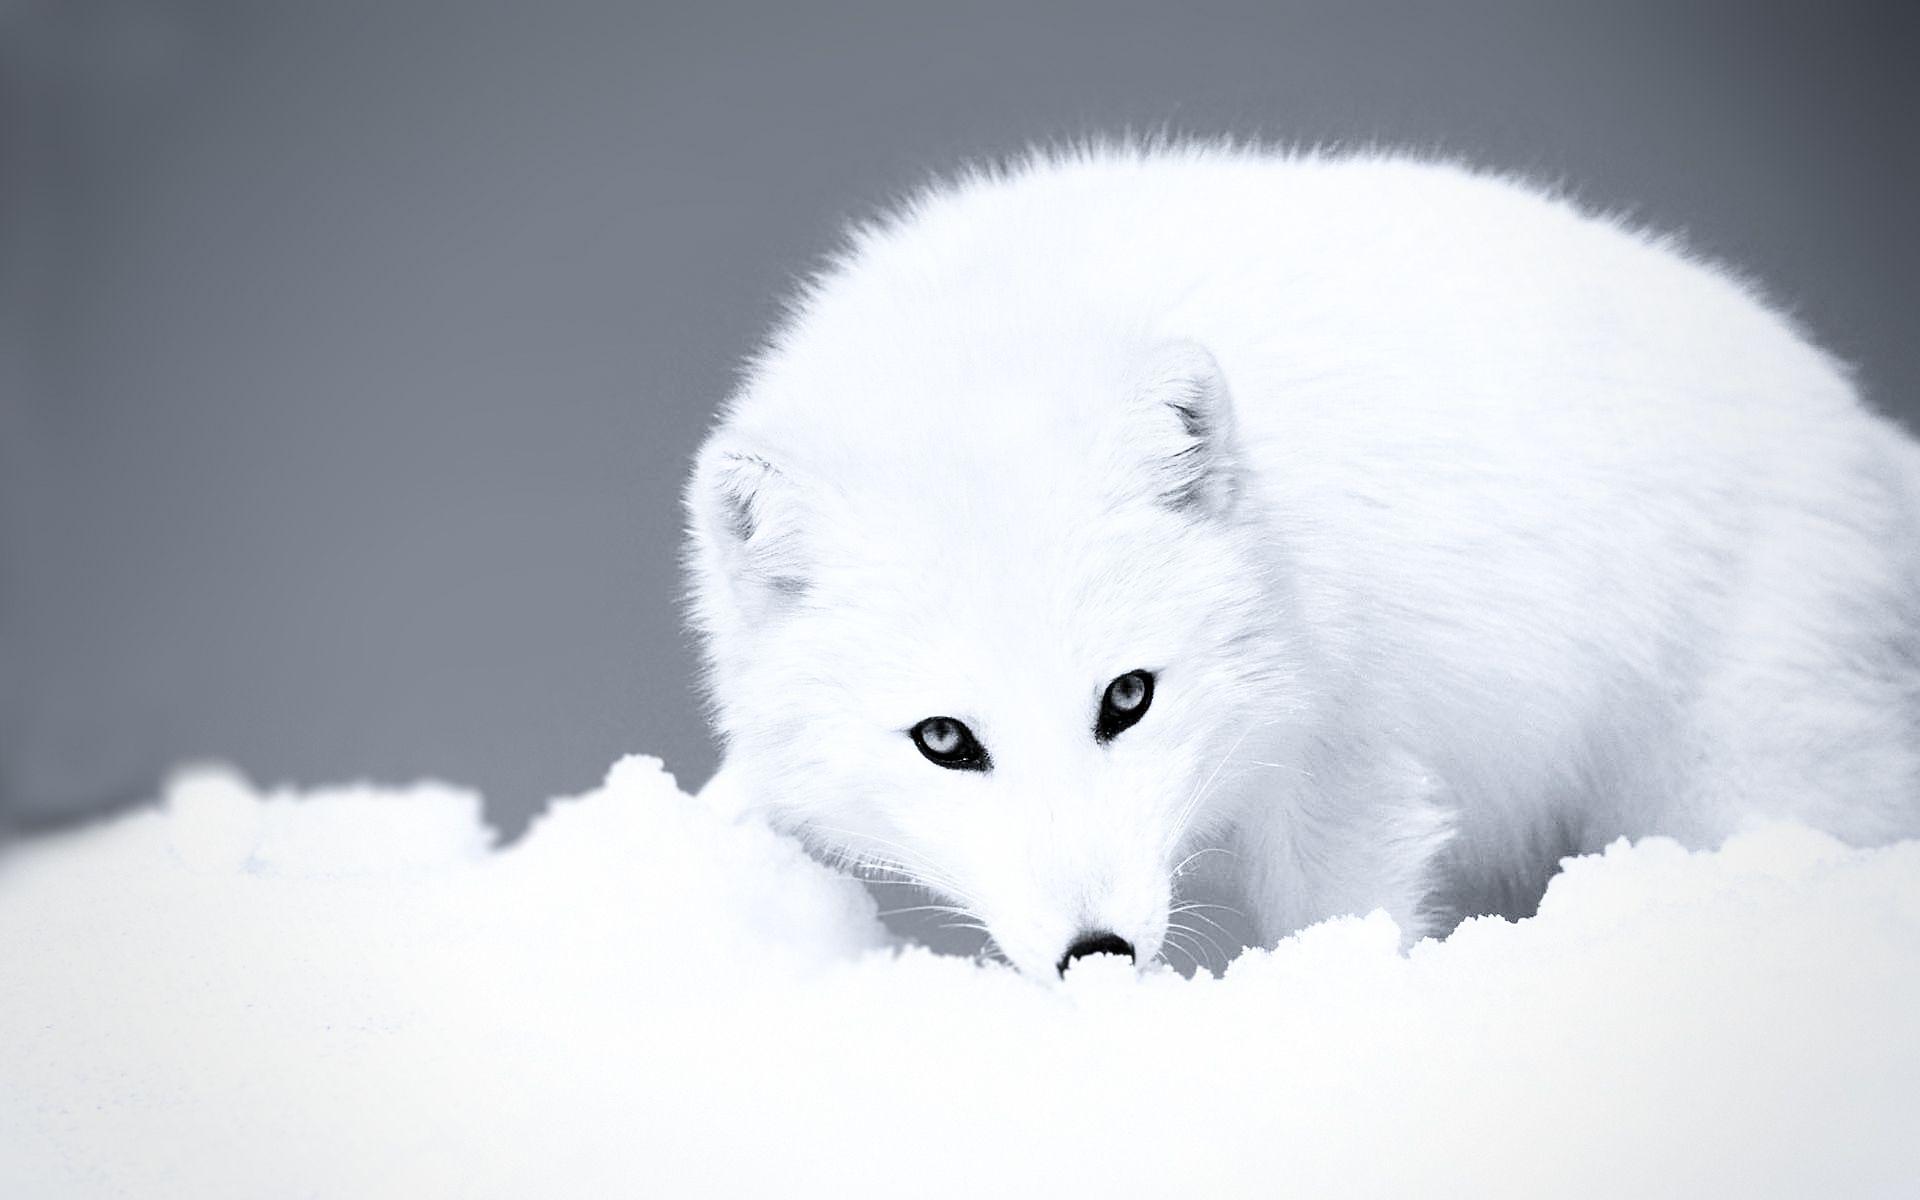 ScreenHeaven Pure White Arctic Fox Snow Ice Cold Desktop And